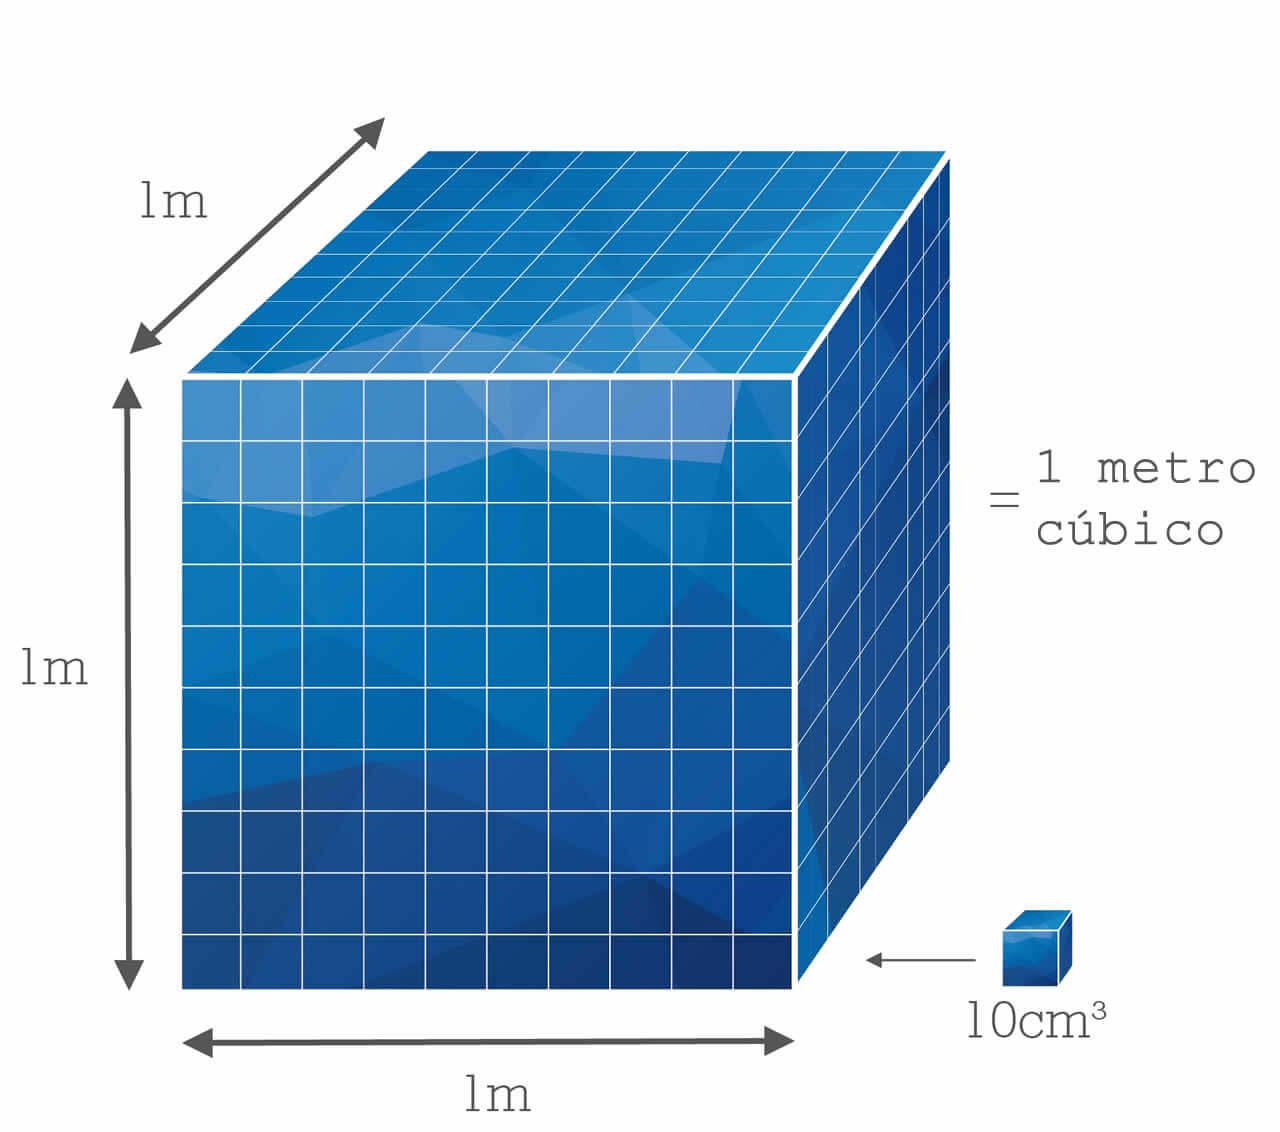 Grama litro metro c bico e ppm entenda for Cuantas tilapias por metro cubico